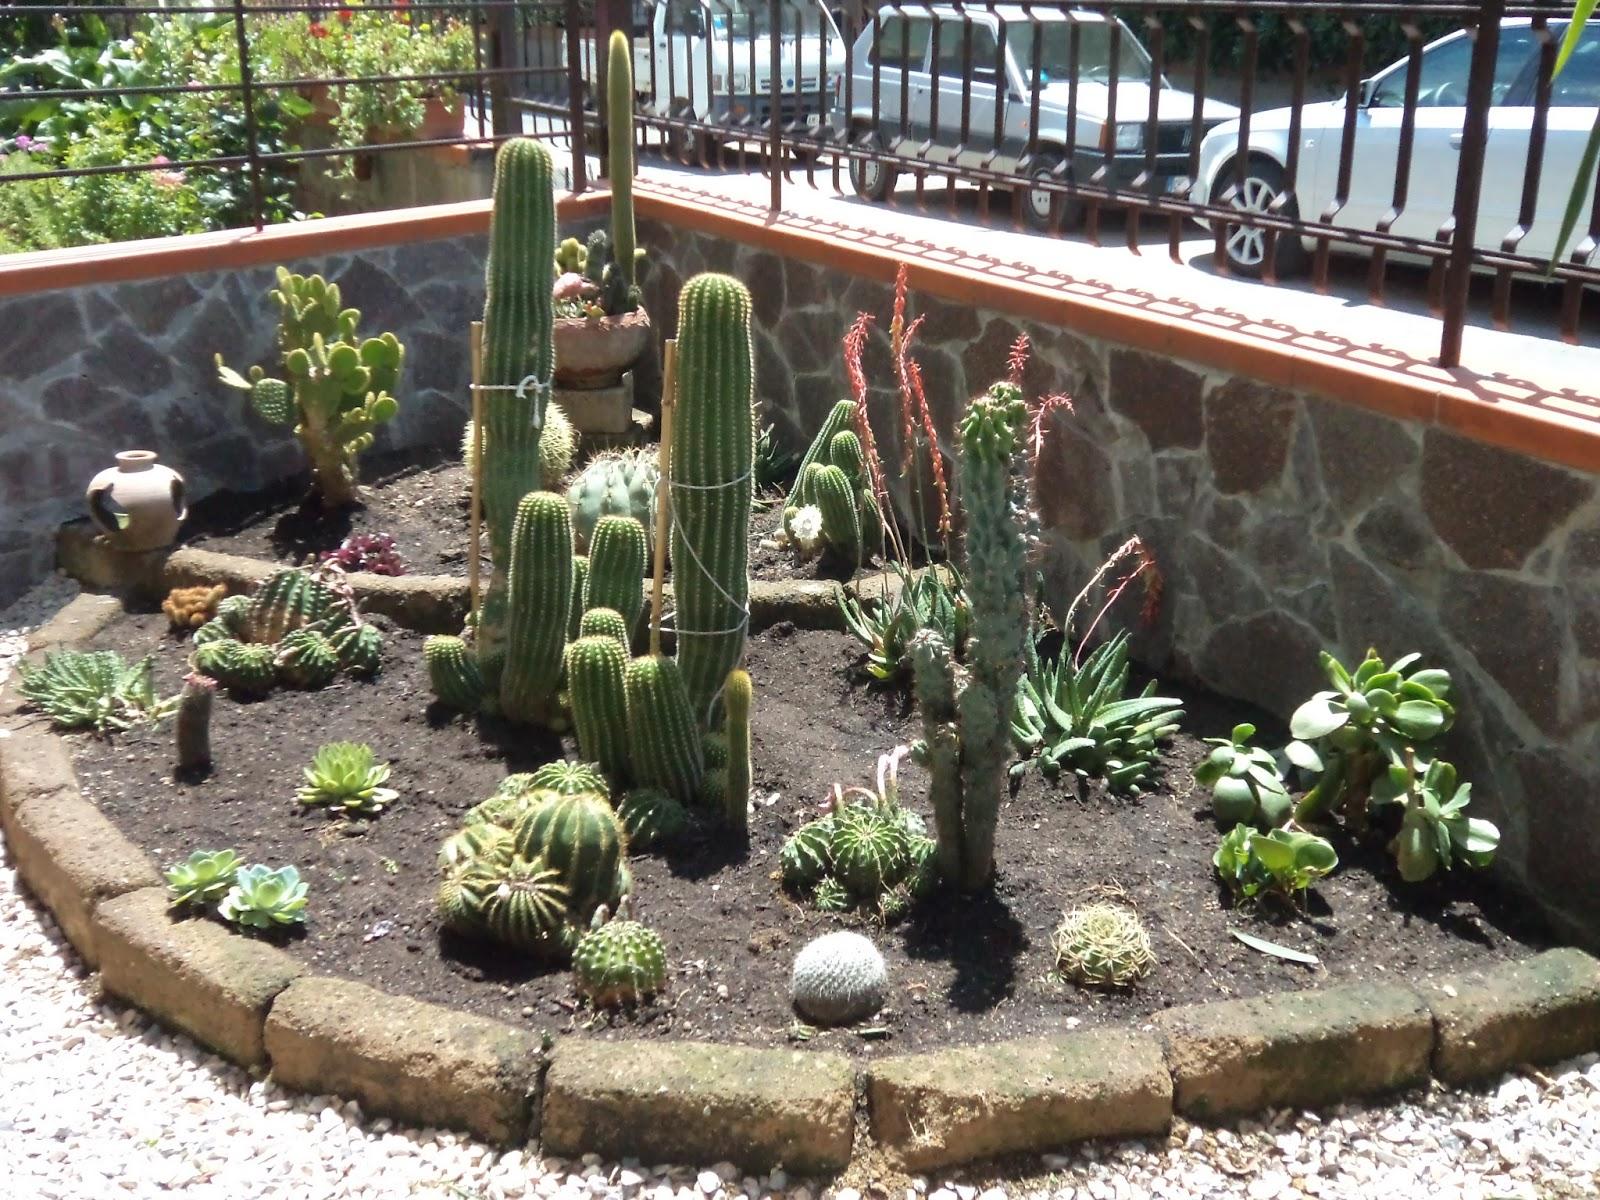 Favorito I Giardini di Carlo e Letizia: Giardino di piante grasse UA15